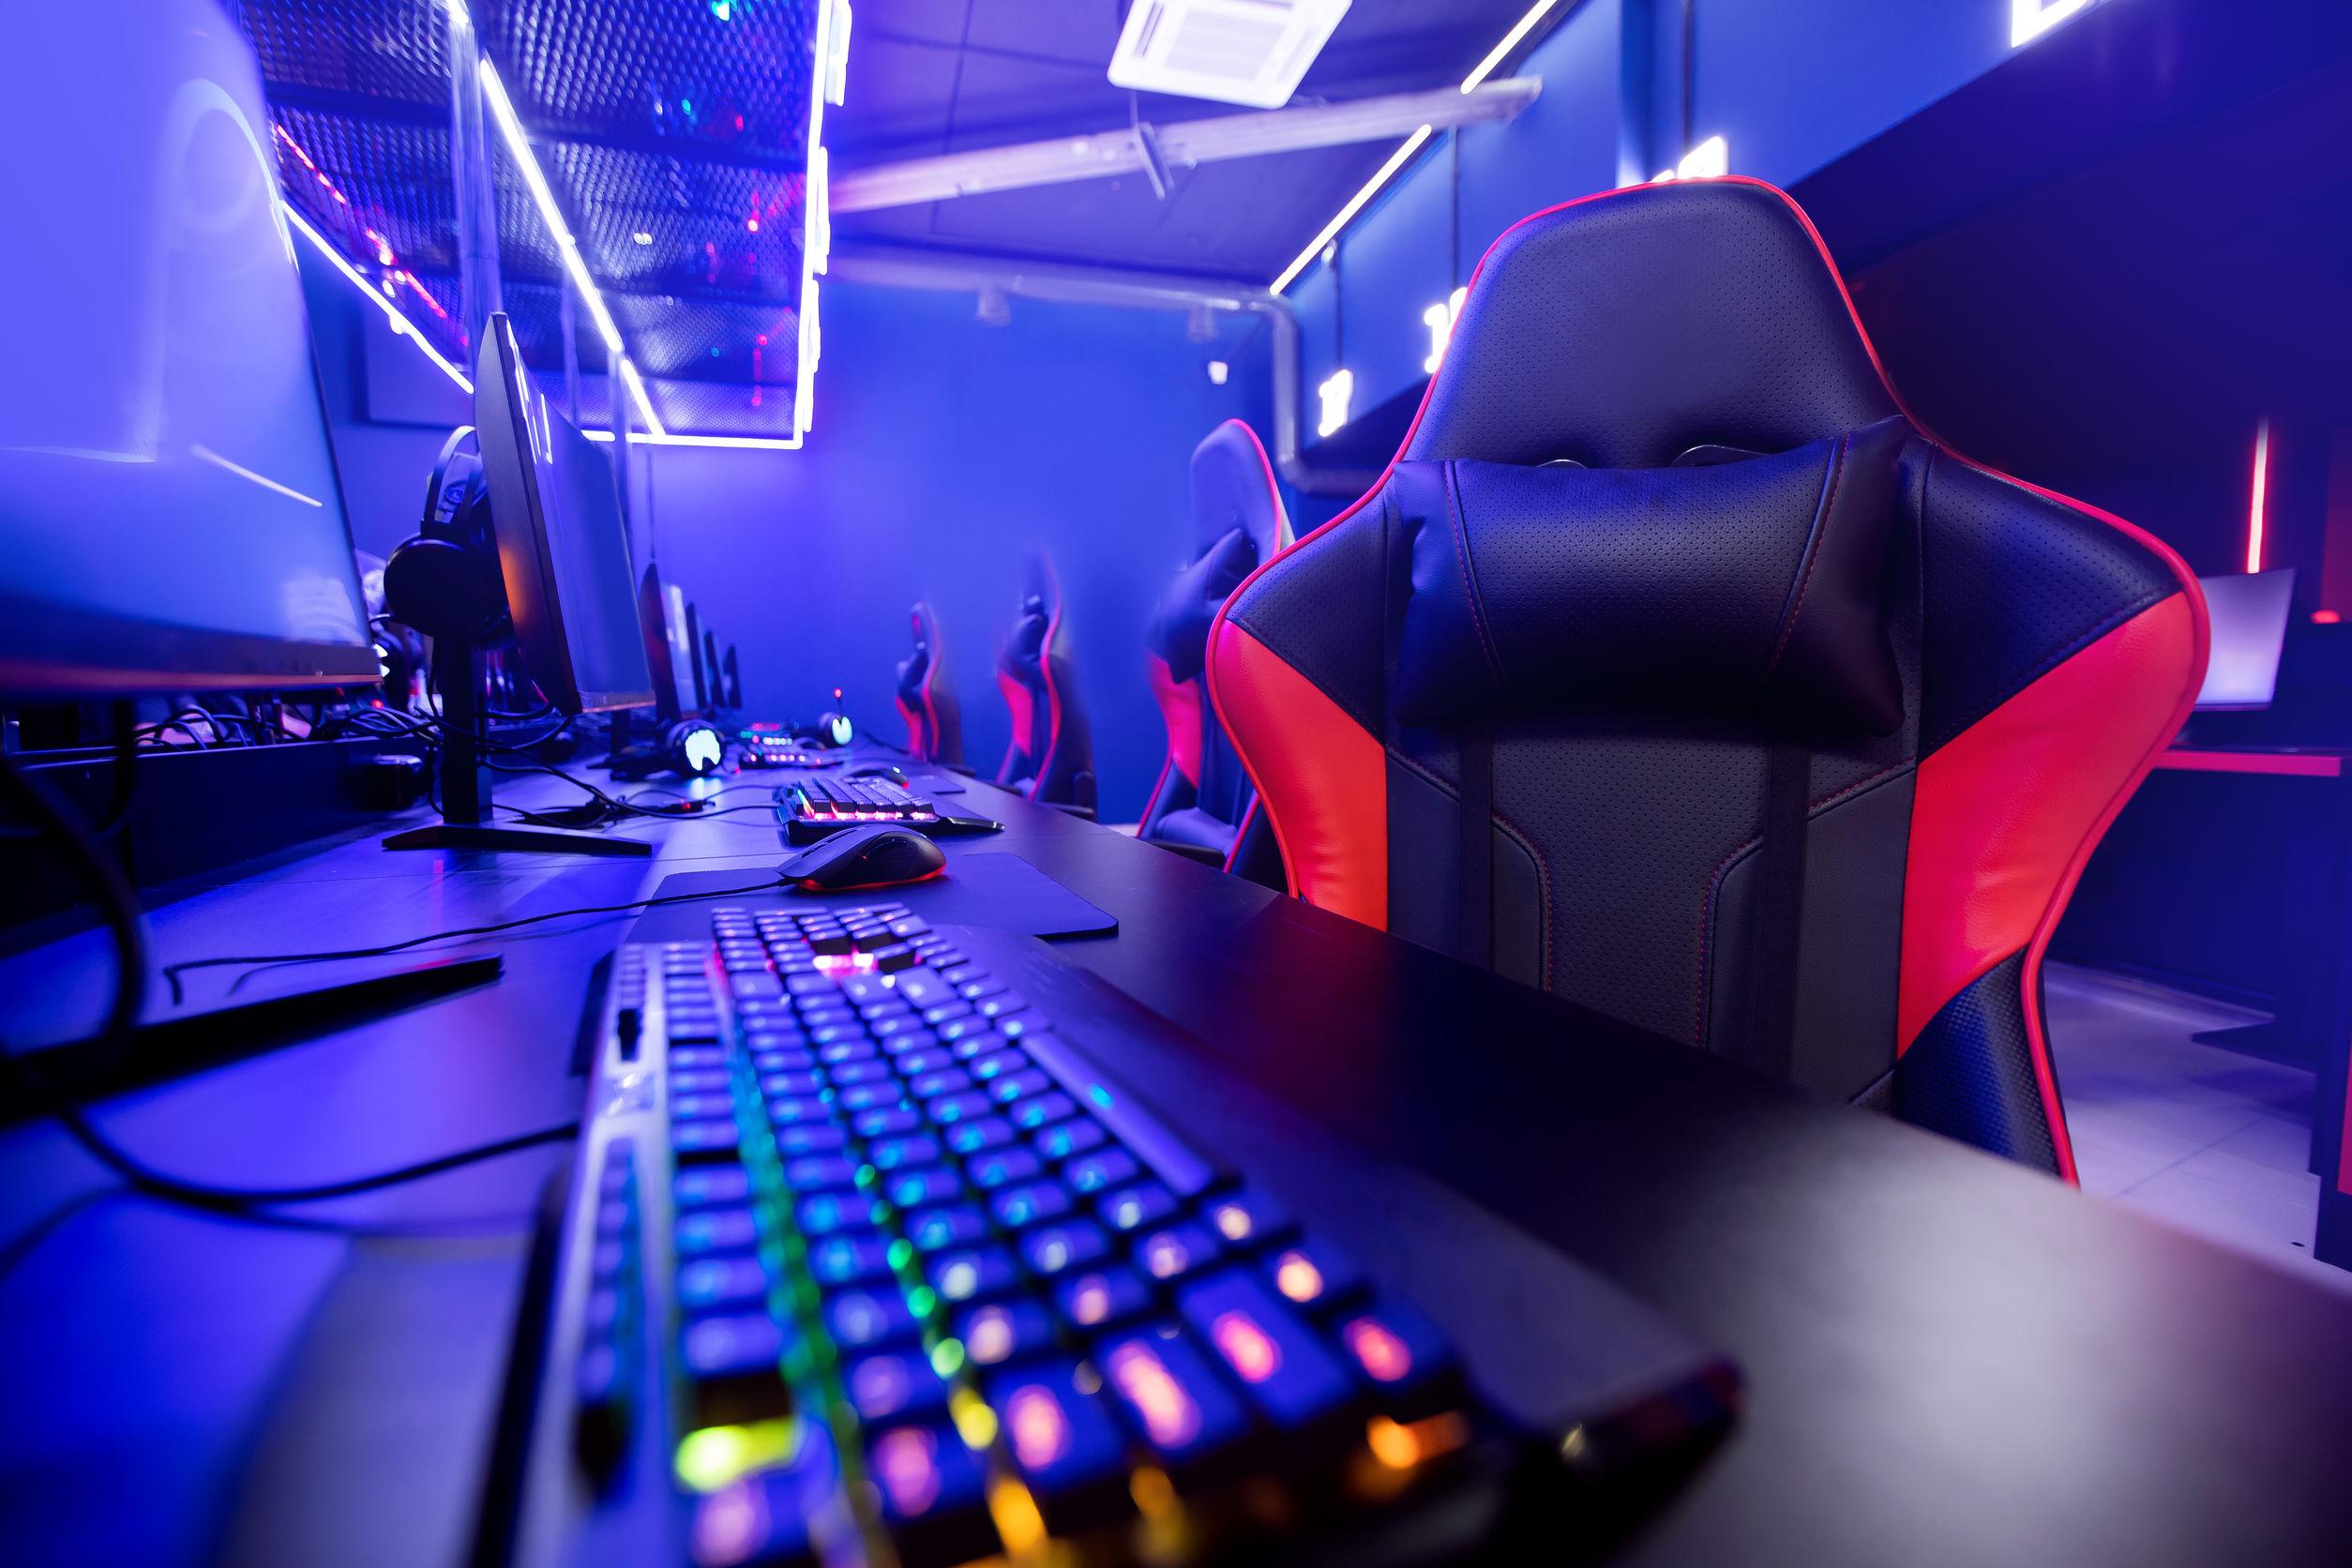 Sala com diversas estações gamers, compostas por: cadeira gamer, teclado, mouse, mouse pad e monitor.